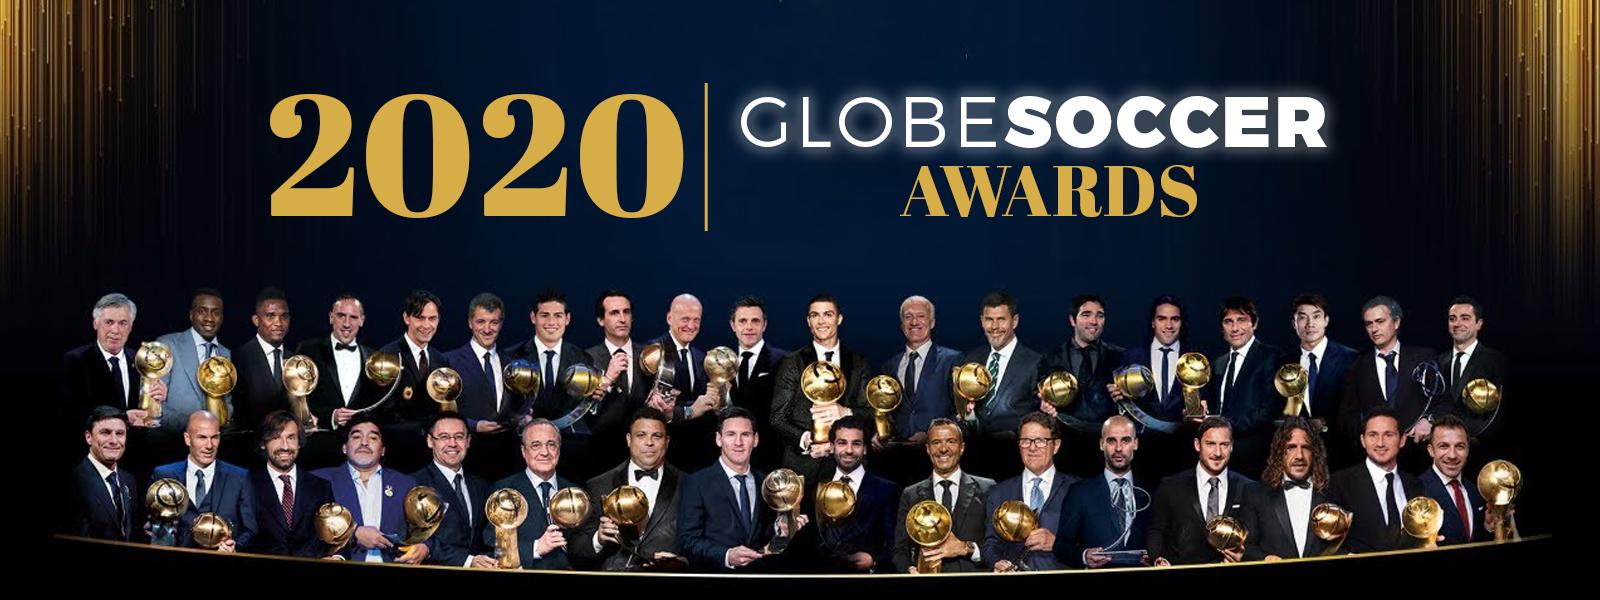 2020 Globe Soccer Awards